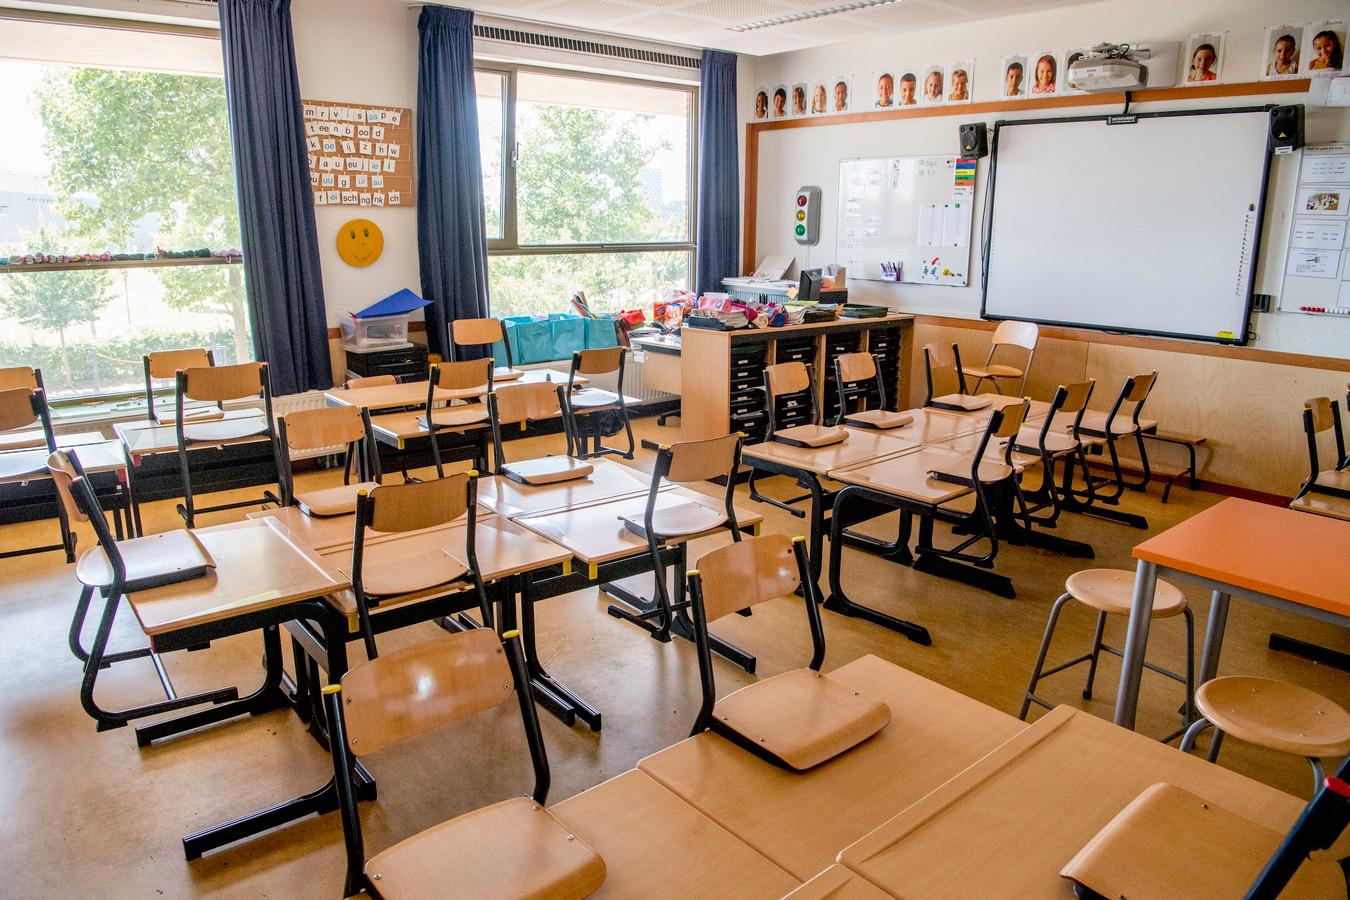 Basisschool De Wijngaard 'gehoorzaam aan overheid' en staakt niet | Foto |  gelderlander.nl